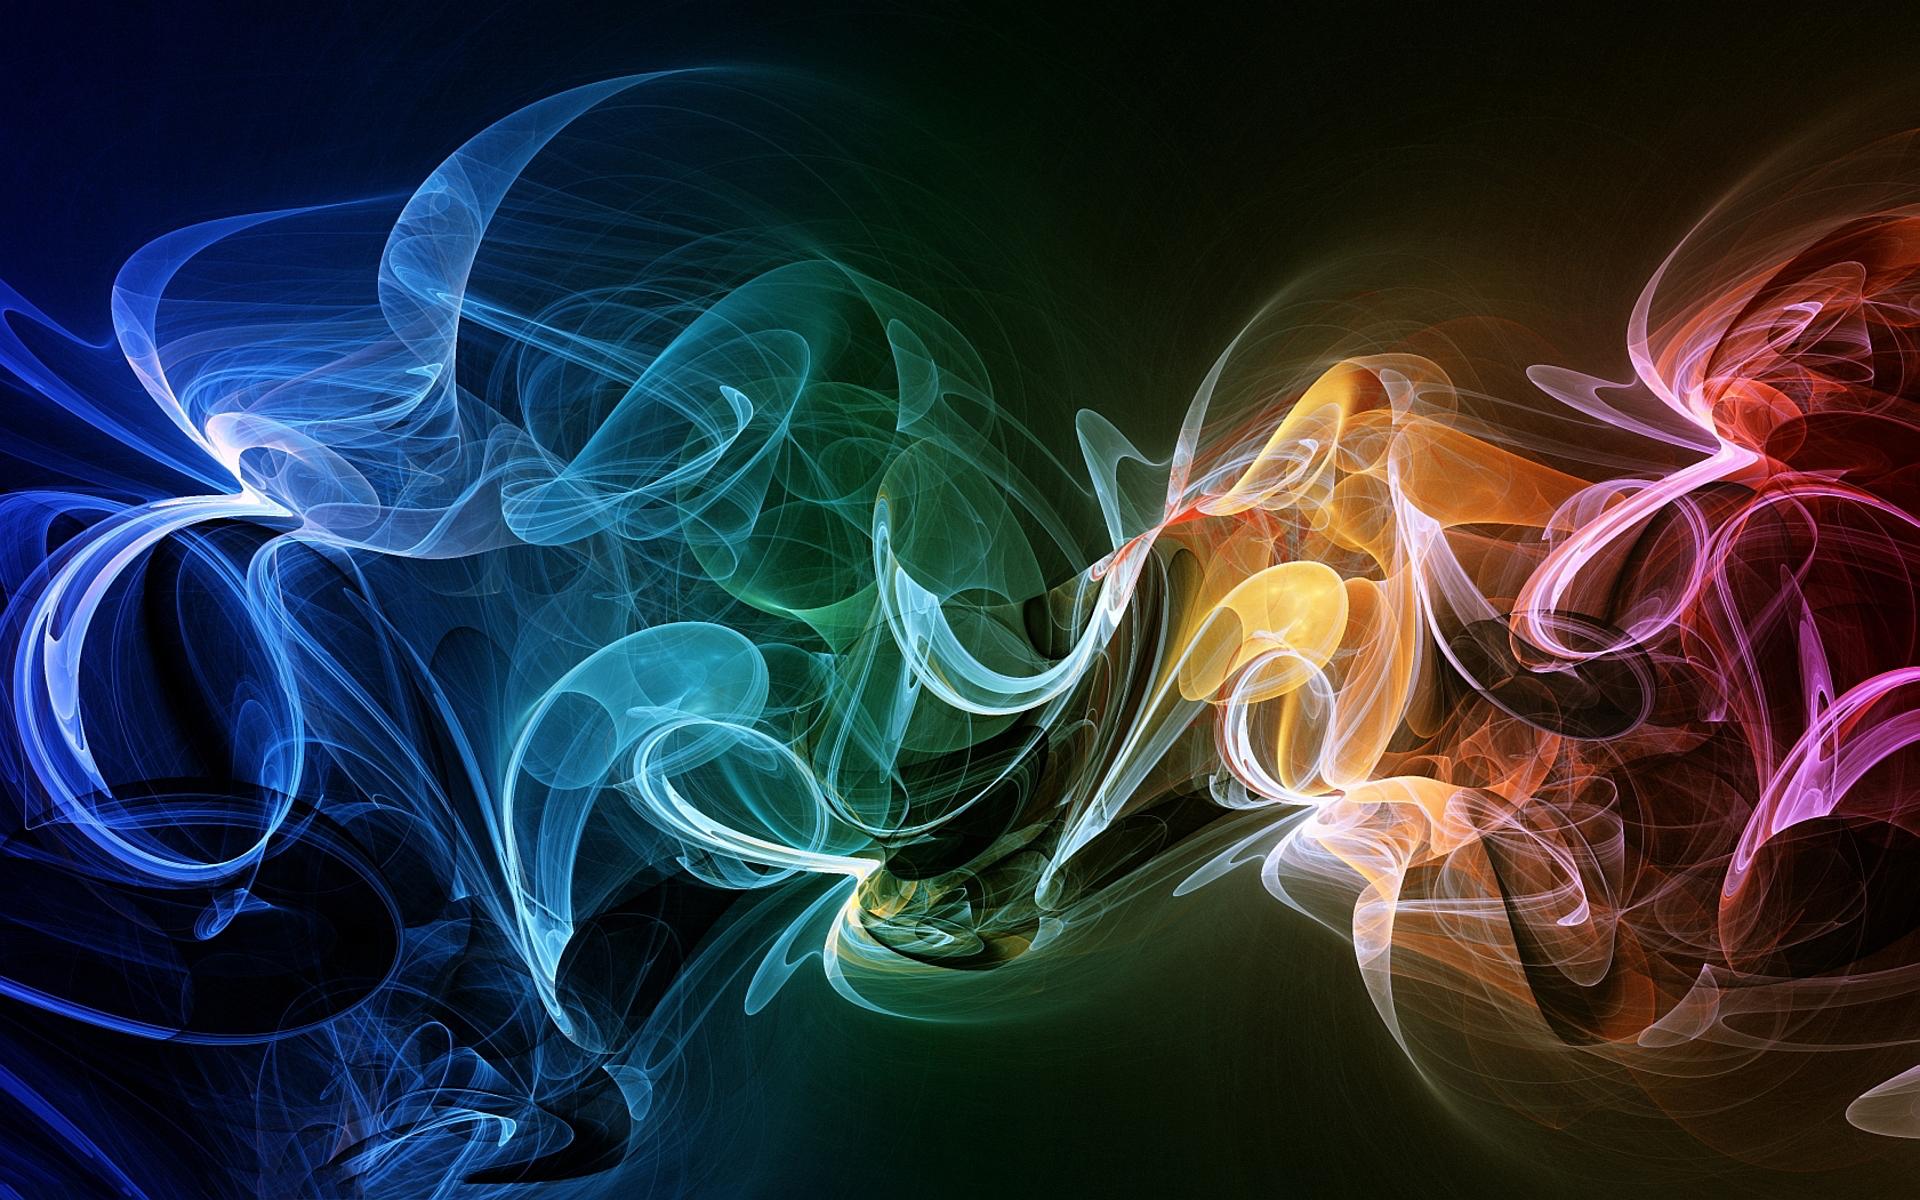 Abstract colorful smoke art